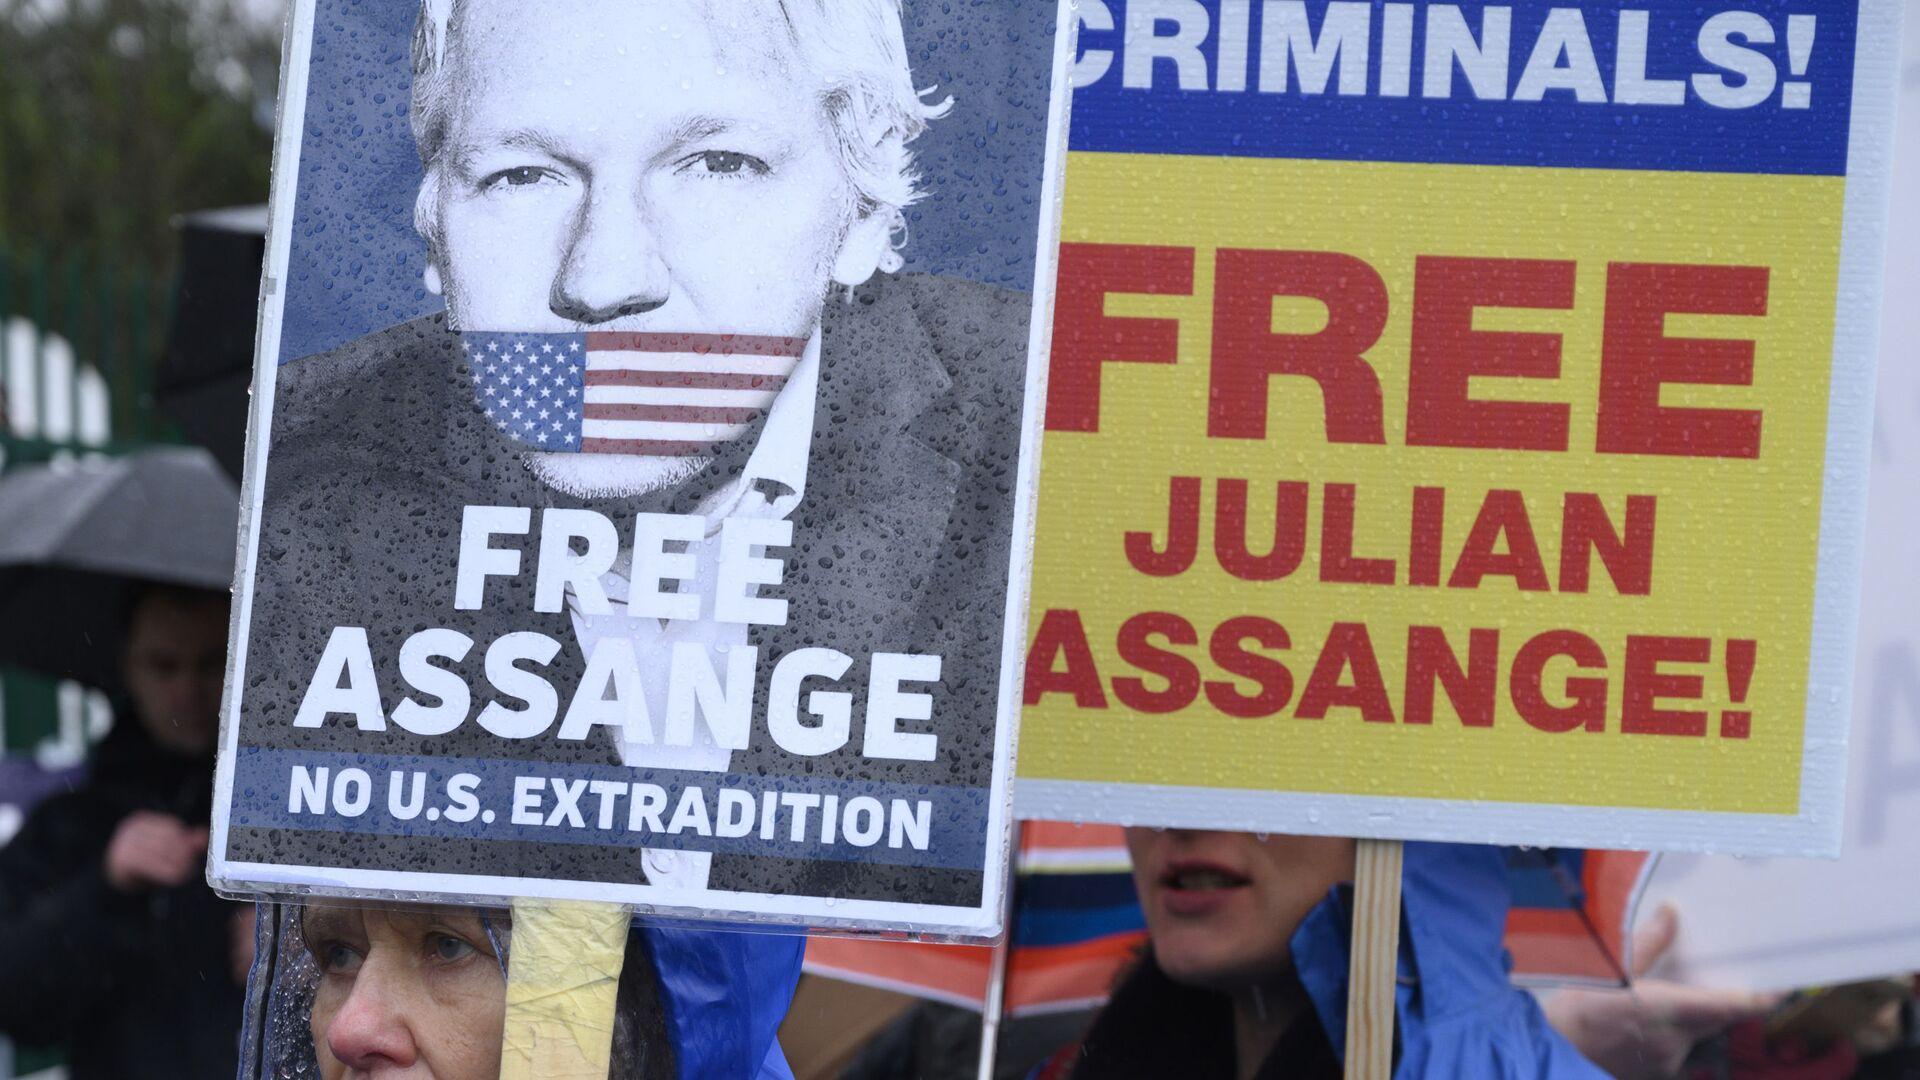 Una protesta contra la extradición de Julian Assange en Londres - Sputnik Mundo, 1920, 05.01.2021